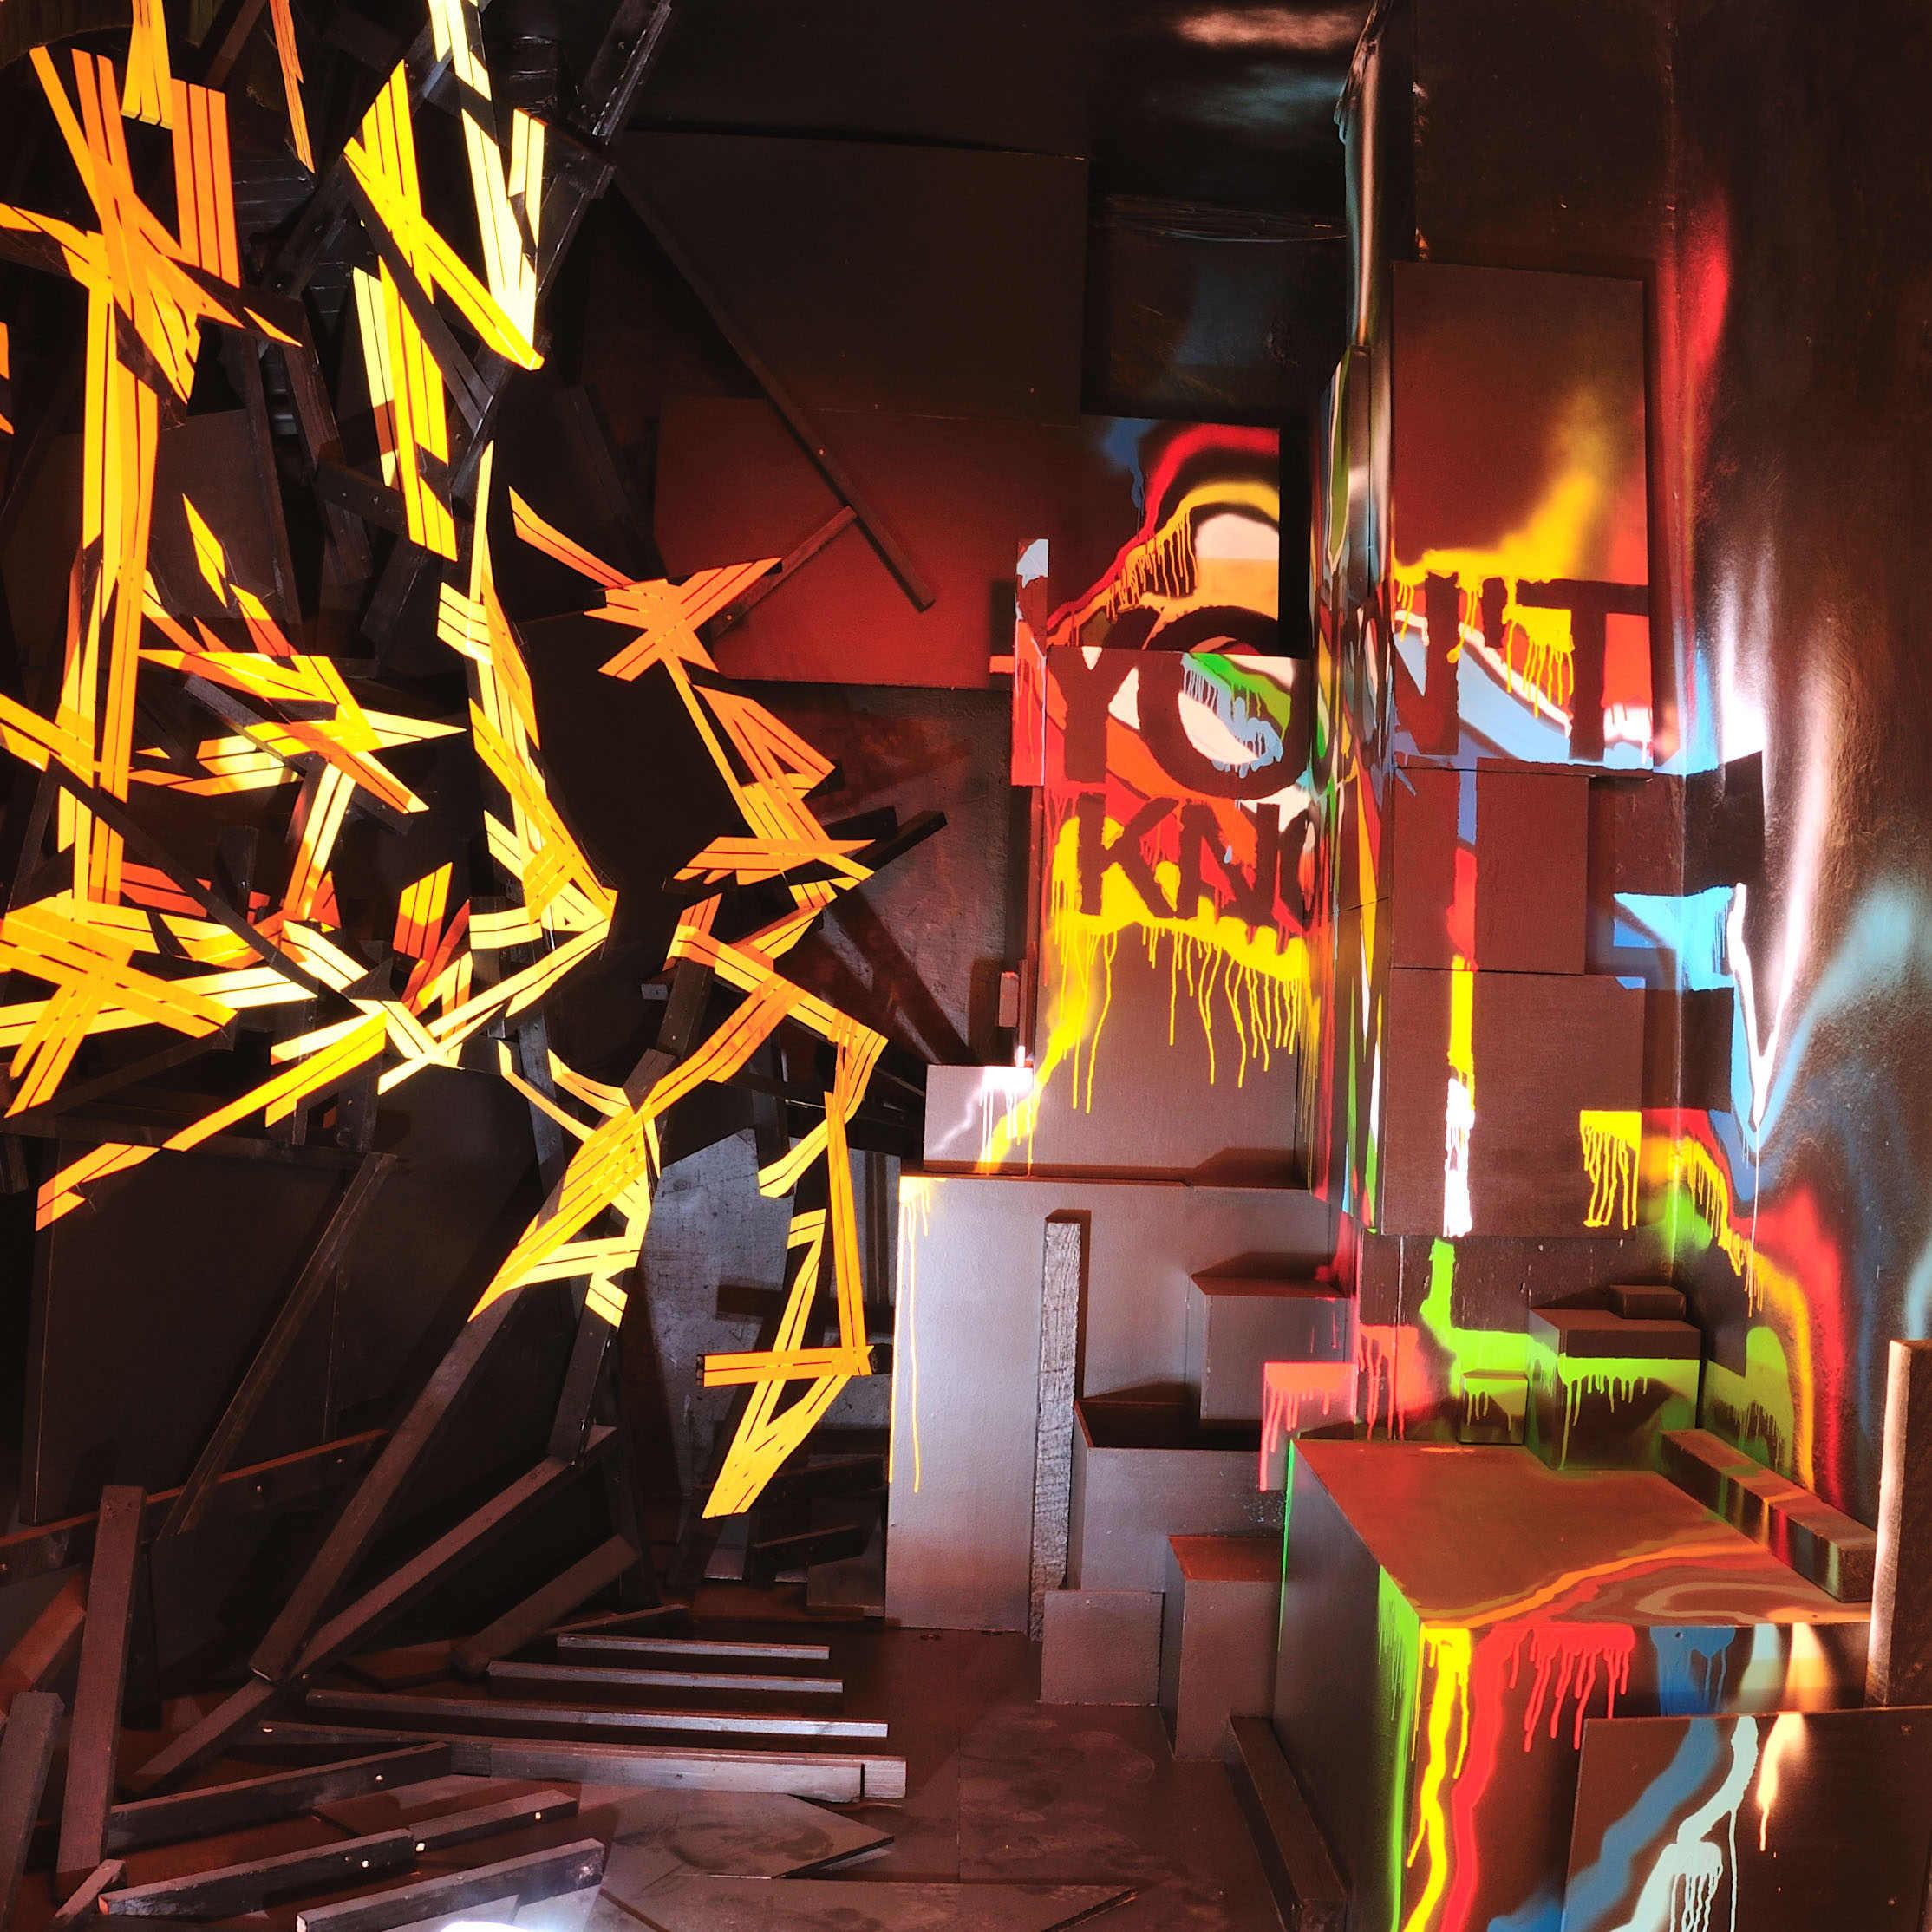 Installation présentée dans le cadre@de l'exposition Etat des lieux, à la galerie du Jour à Paris